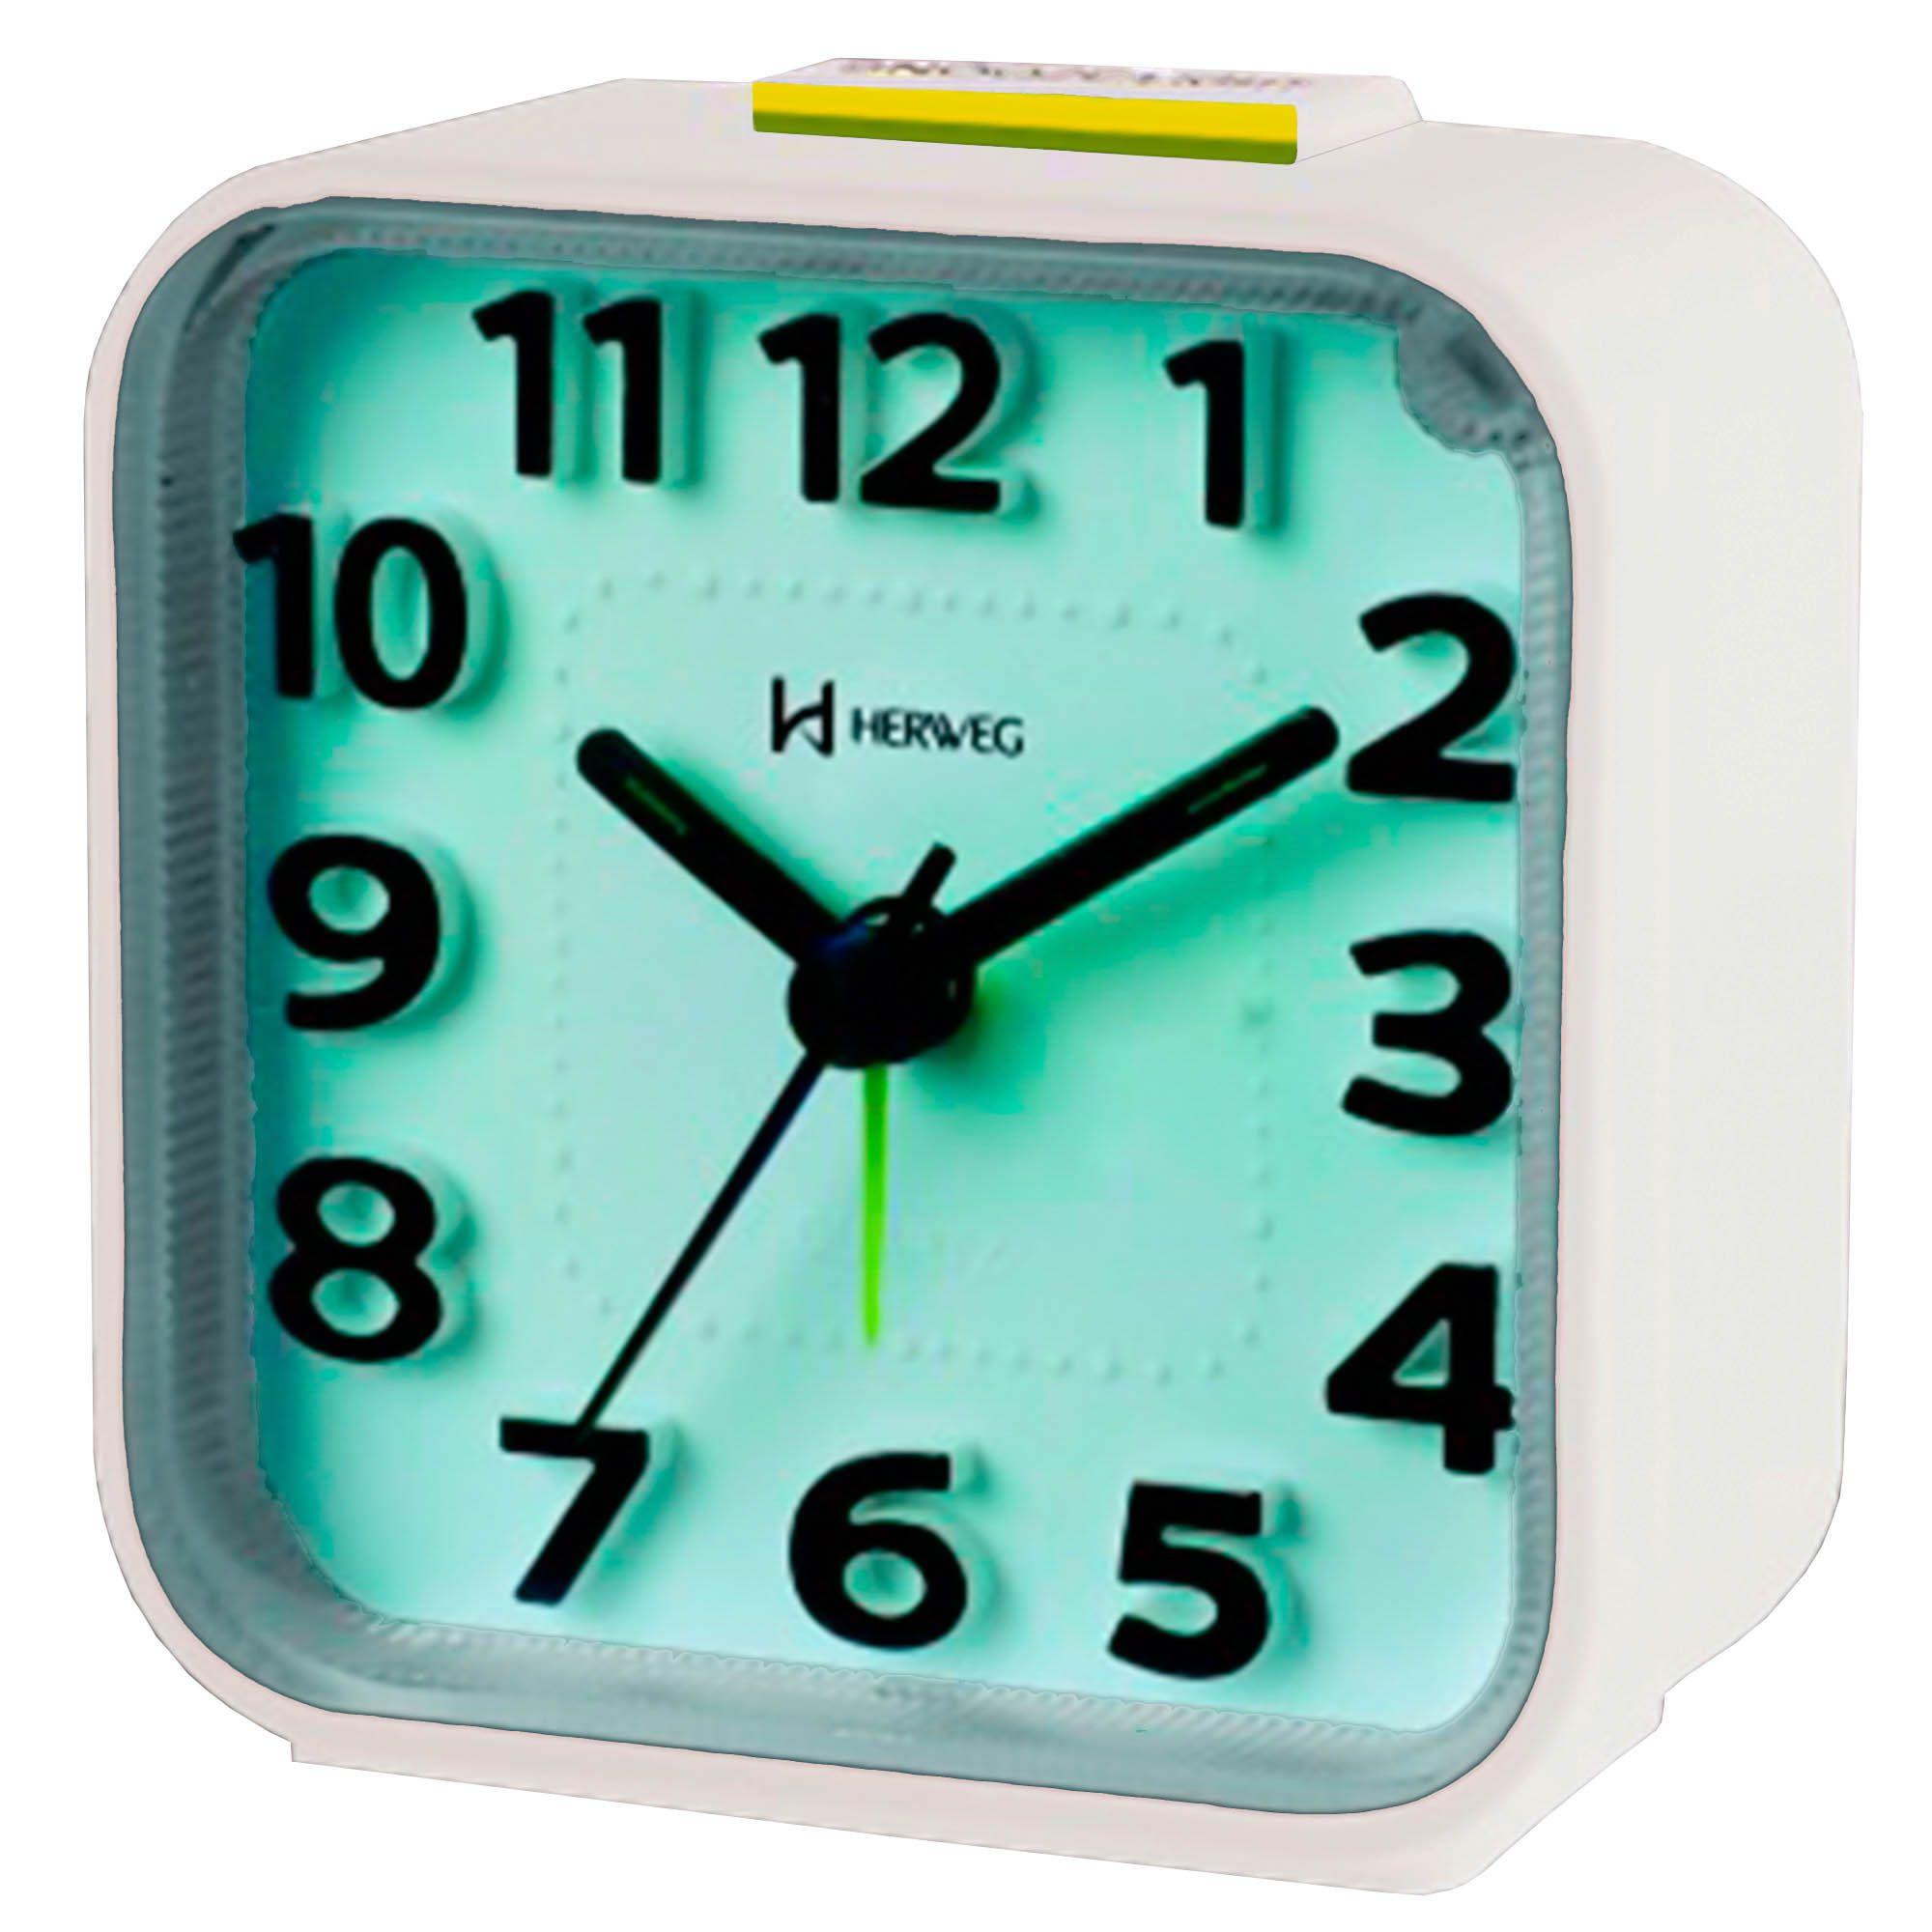 Despertador Analógico Quartzo Herweg 2706 021 Branco